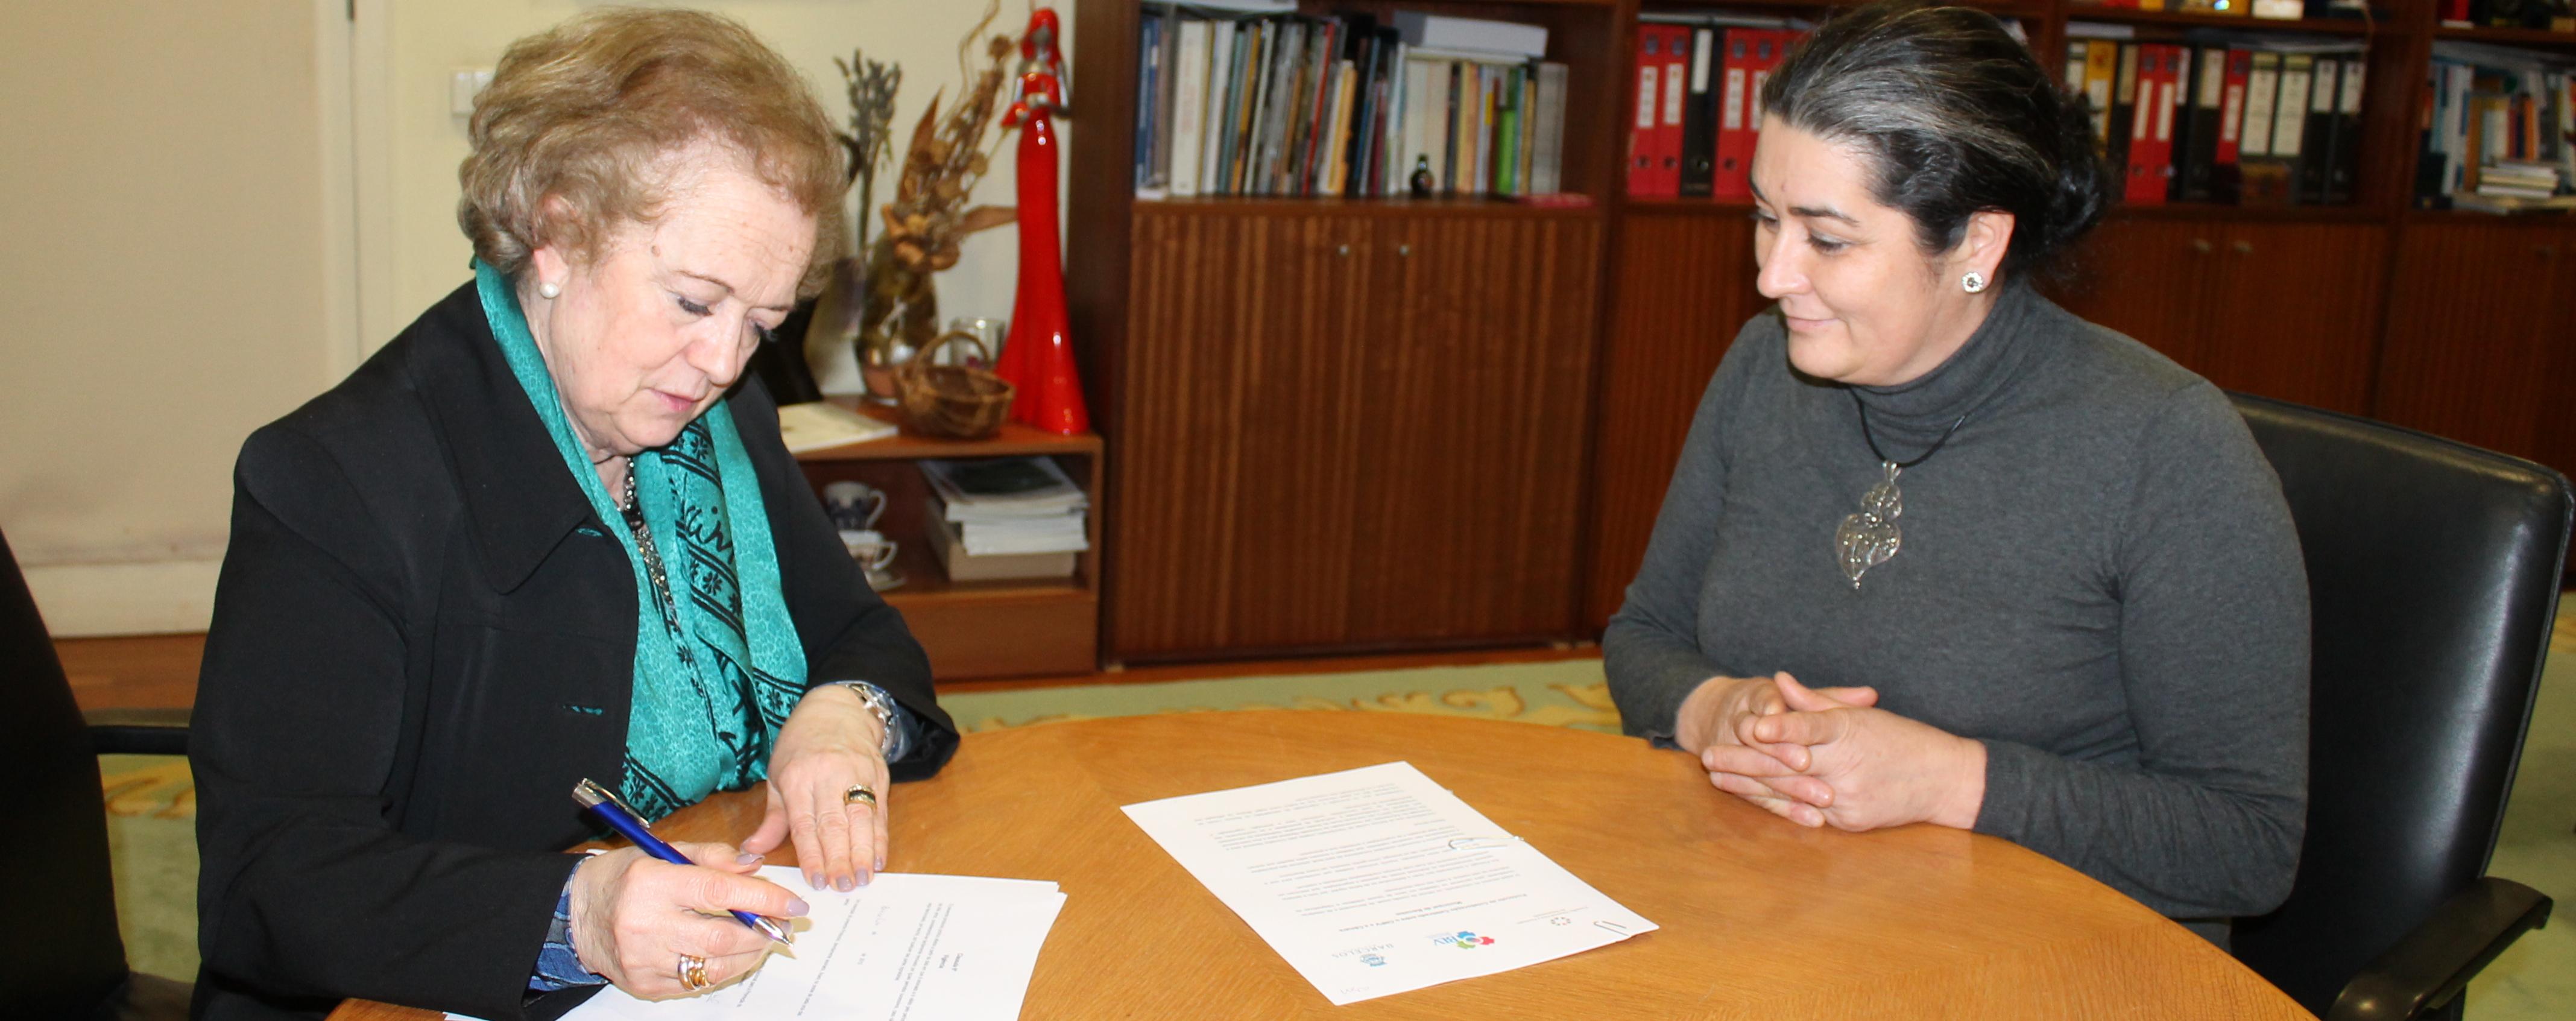 Câmara Municipal e Conselho Nacional para a Promoção do Voluntariado assinam protocolo de cooperação